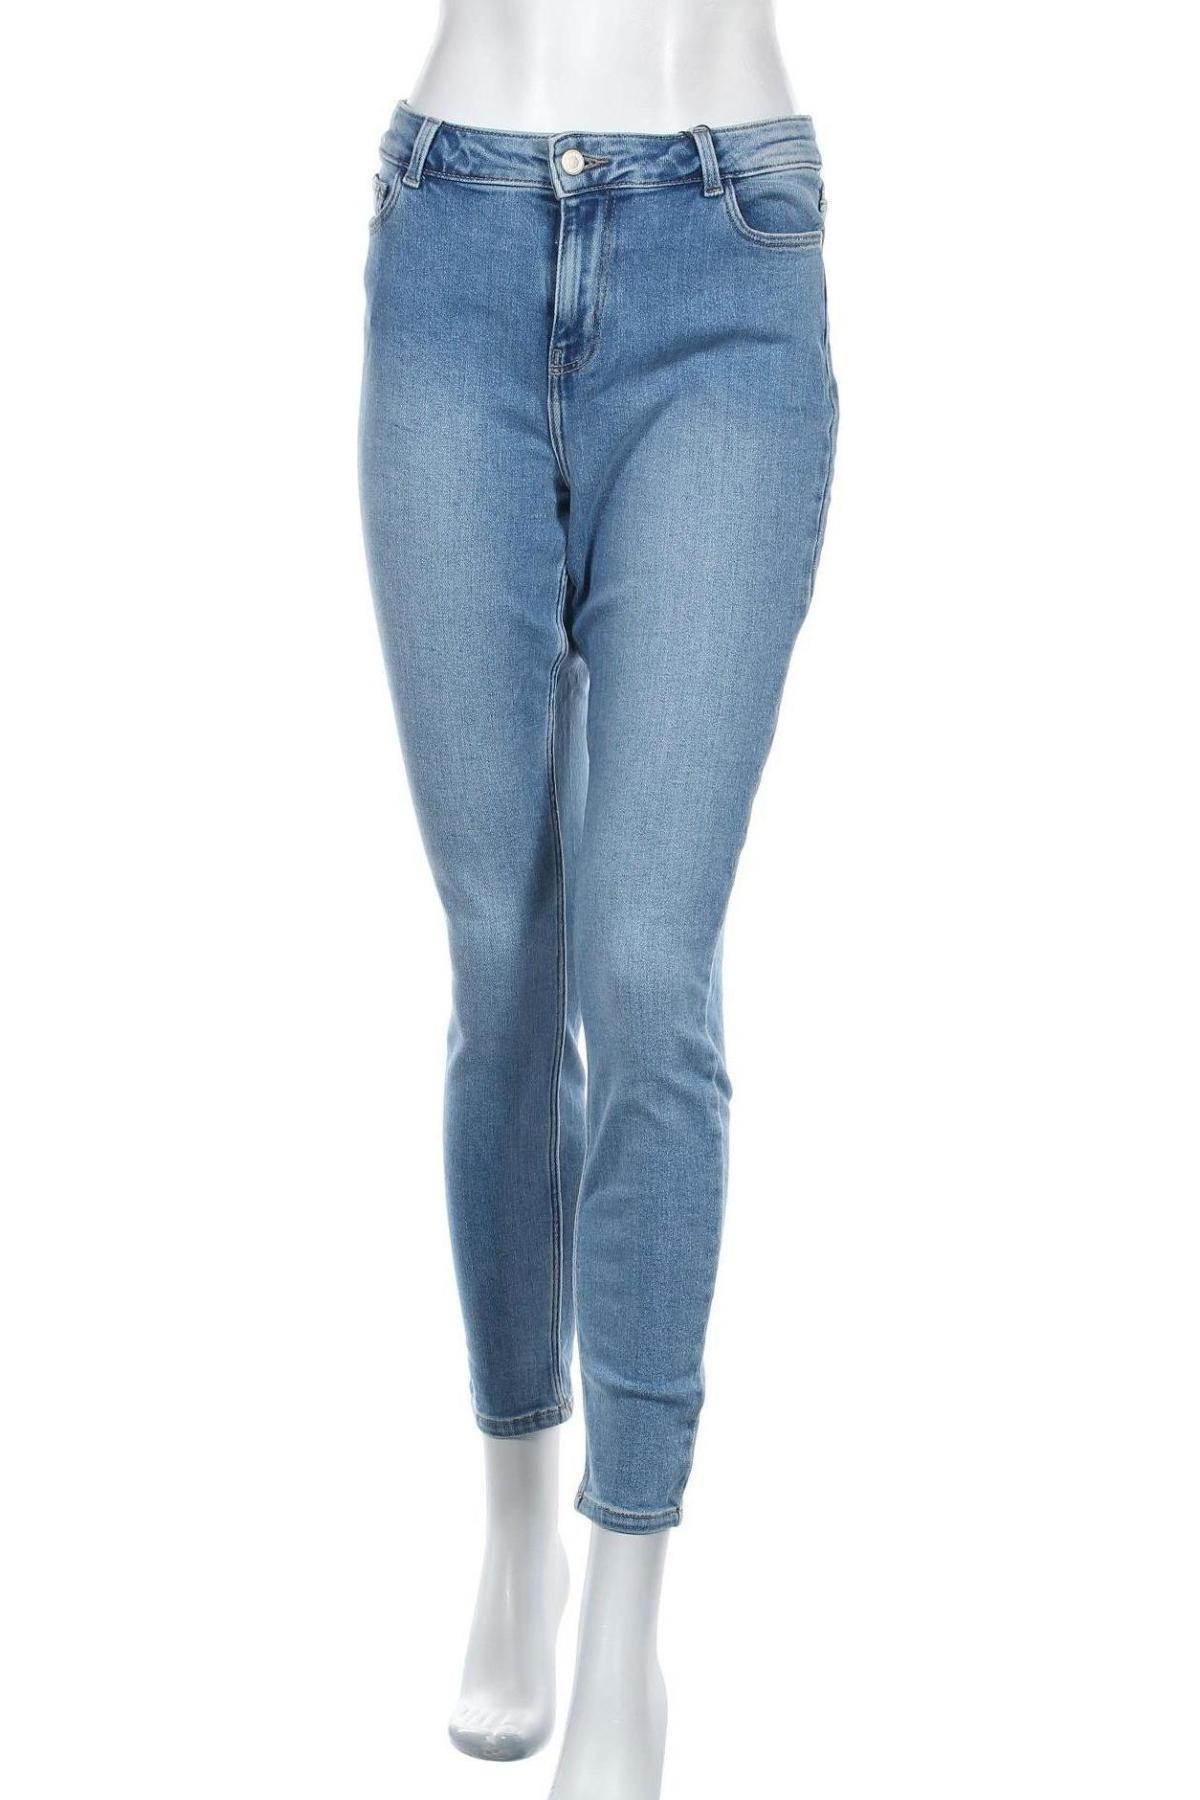 Дамски дънки Pieces, Размер L, Цвят Син, 98% памук, 2% еластан, Цена 27,56лв.